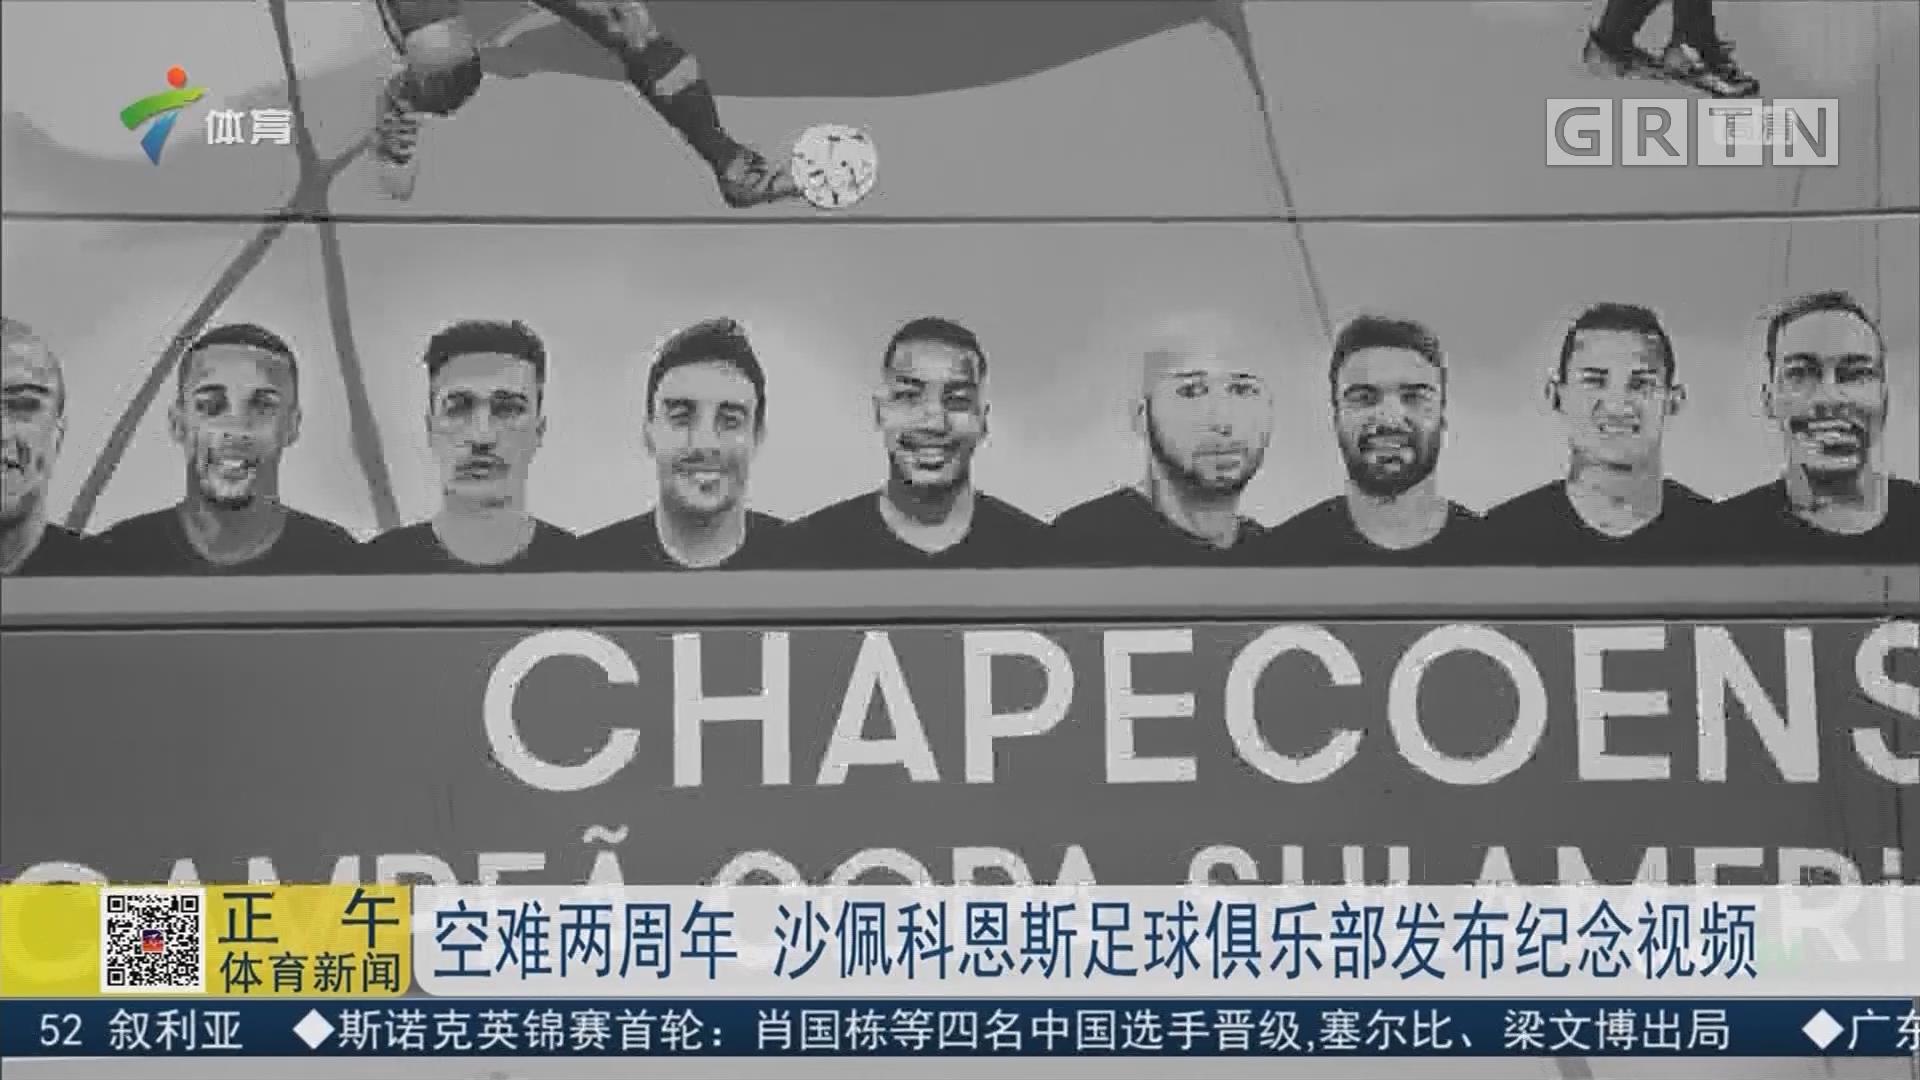 空难两周年 沙佩科恩斯足球俱乐部发布纪念视频